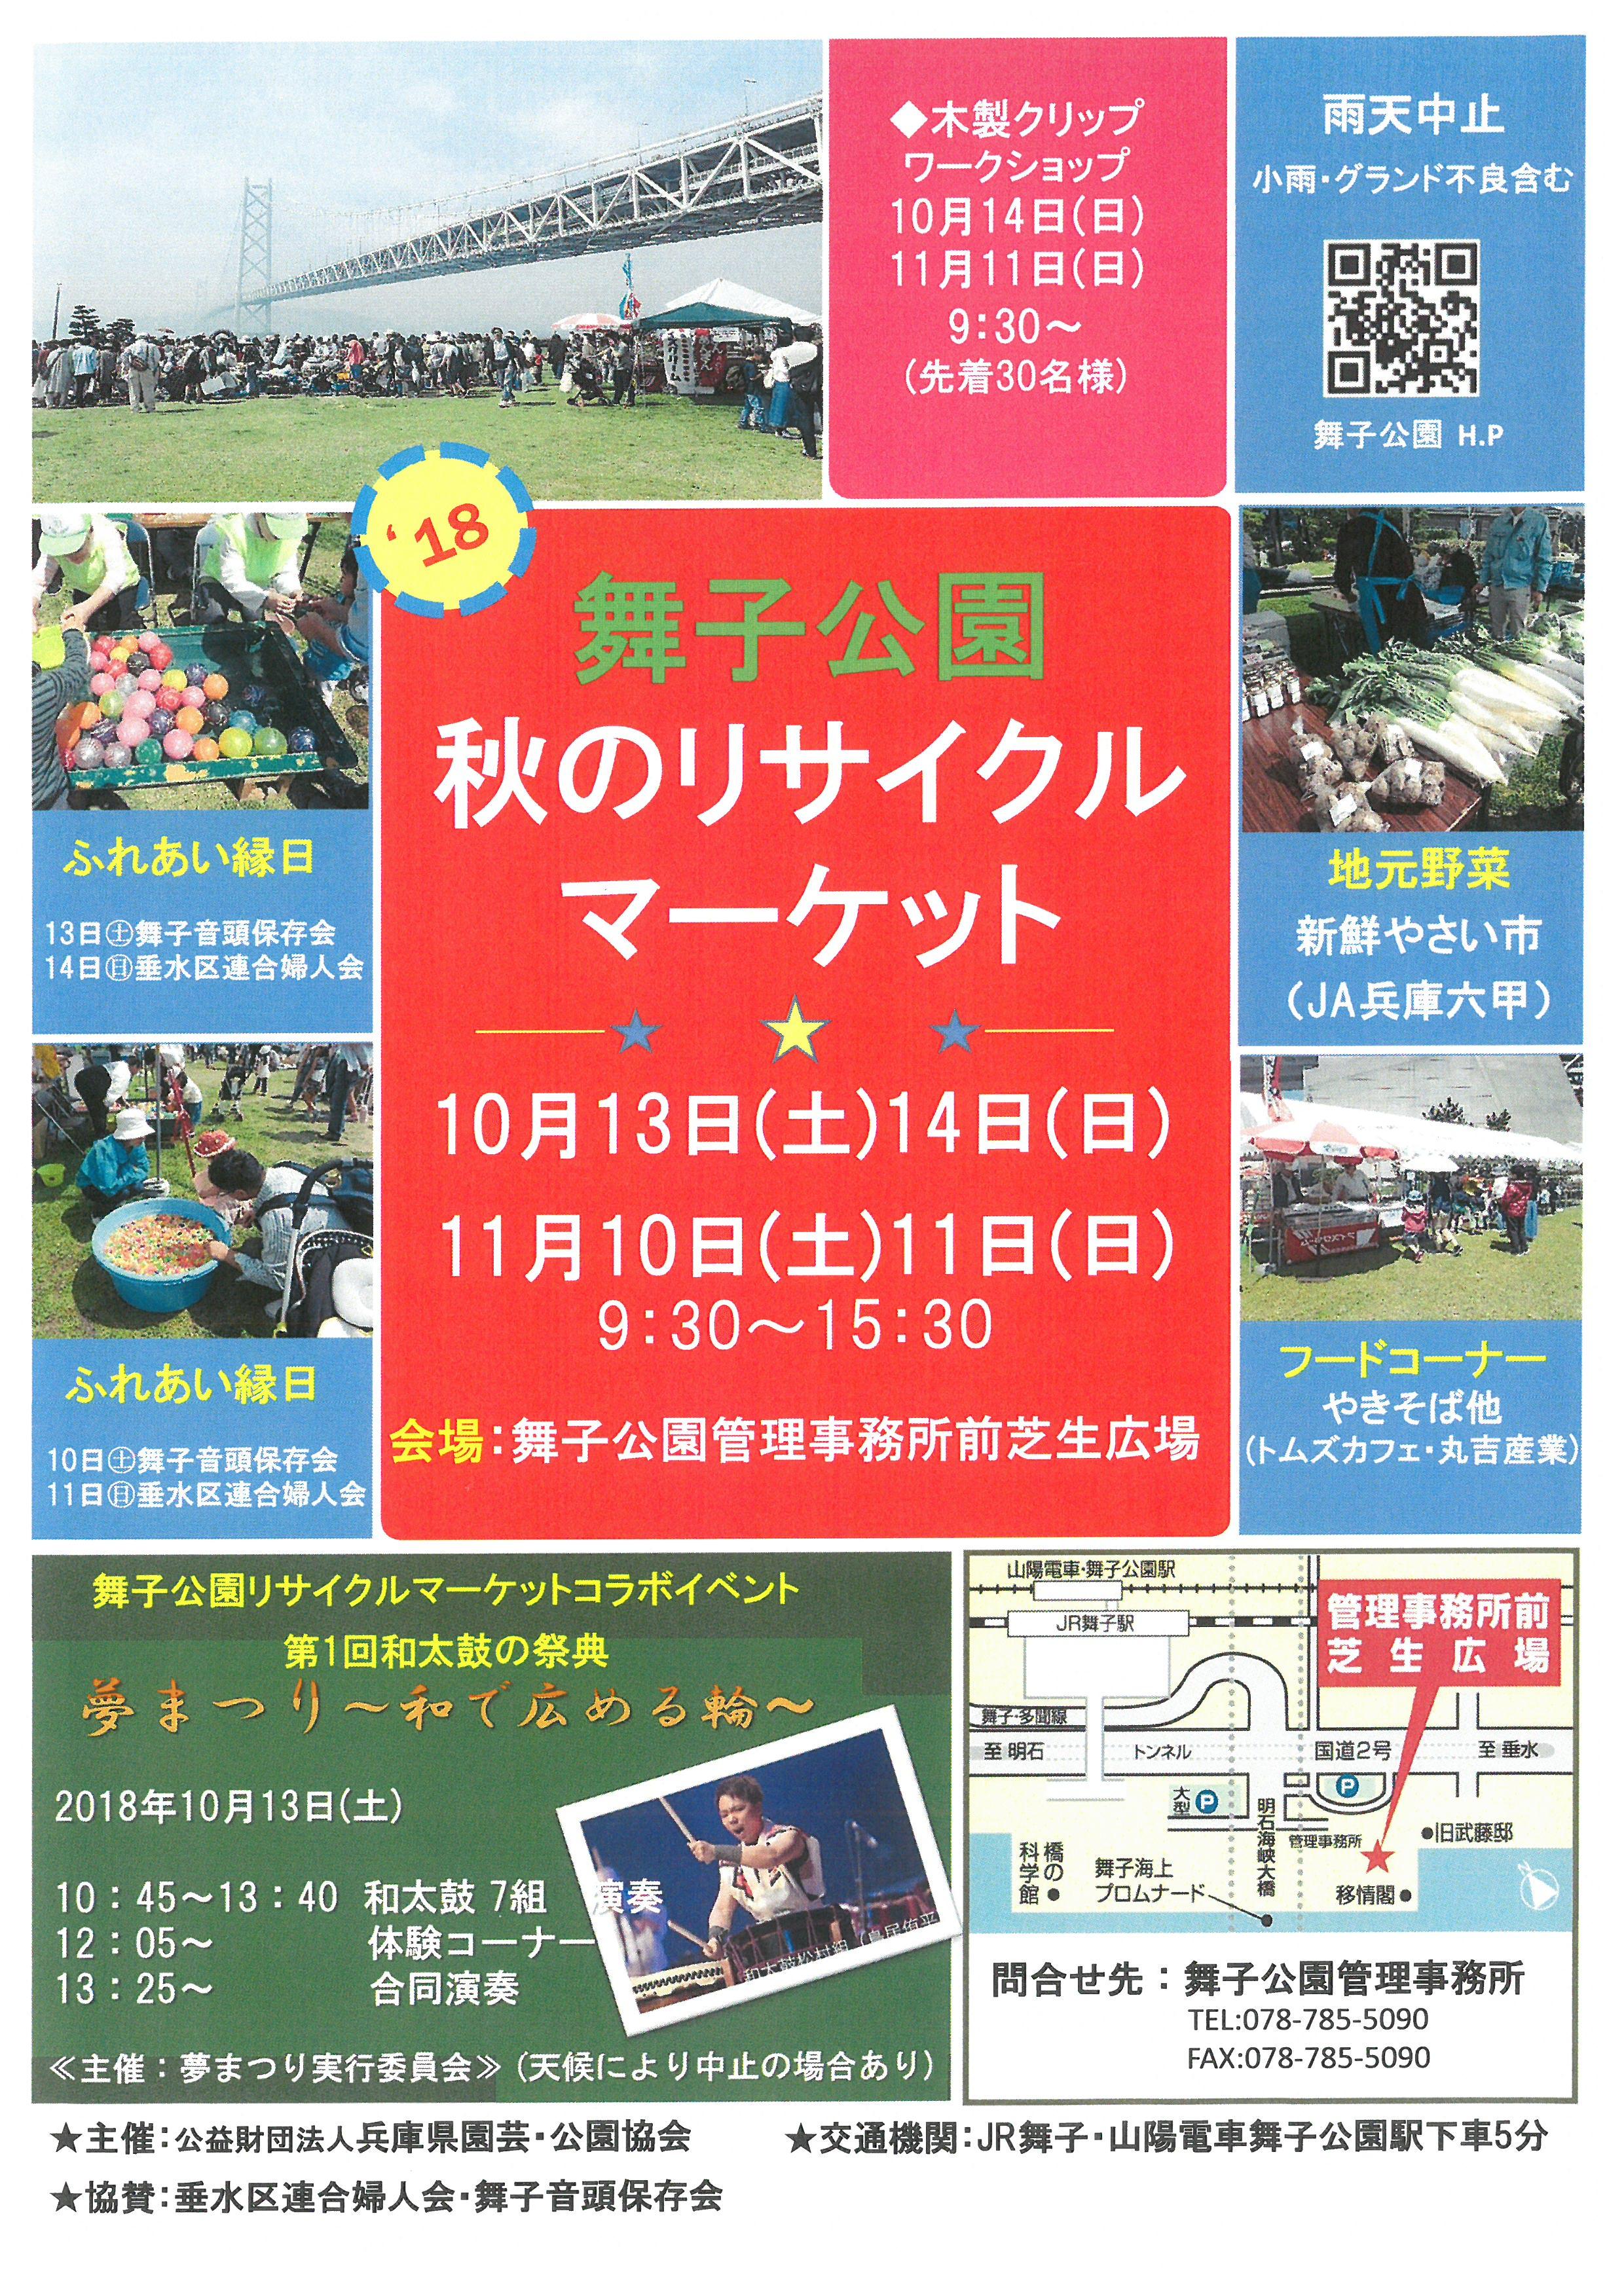 10/13(土)14(日)・11/10(土)11/(日)秋のリサイクルマーケット開催!のアイキャッチ